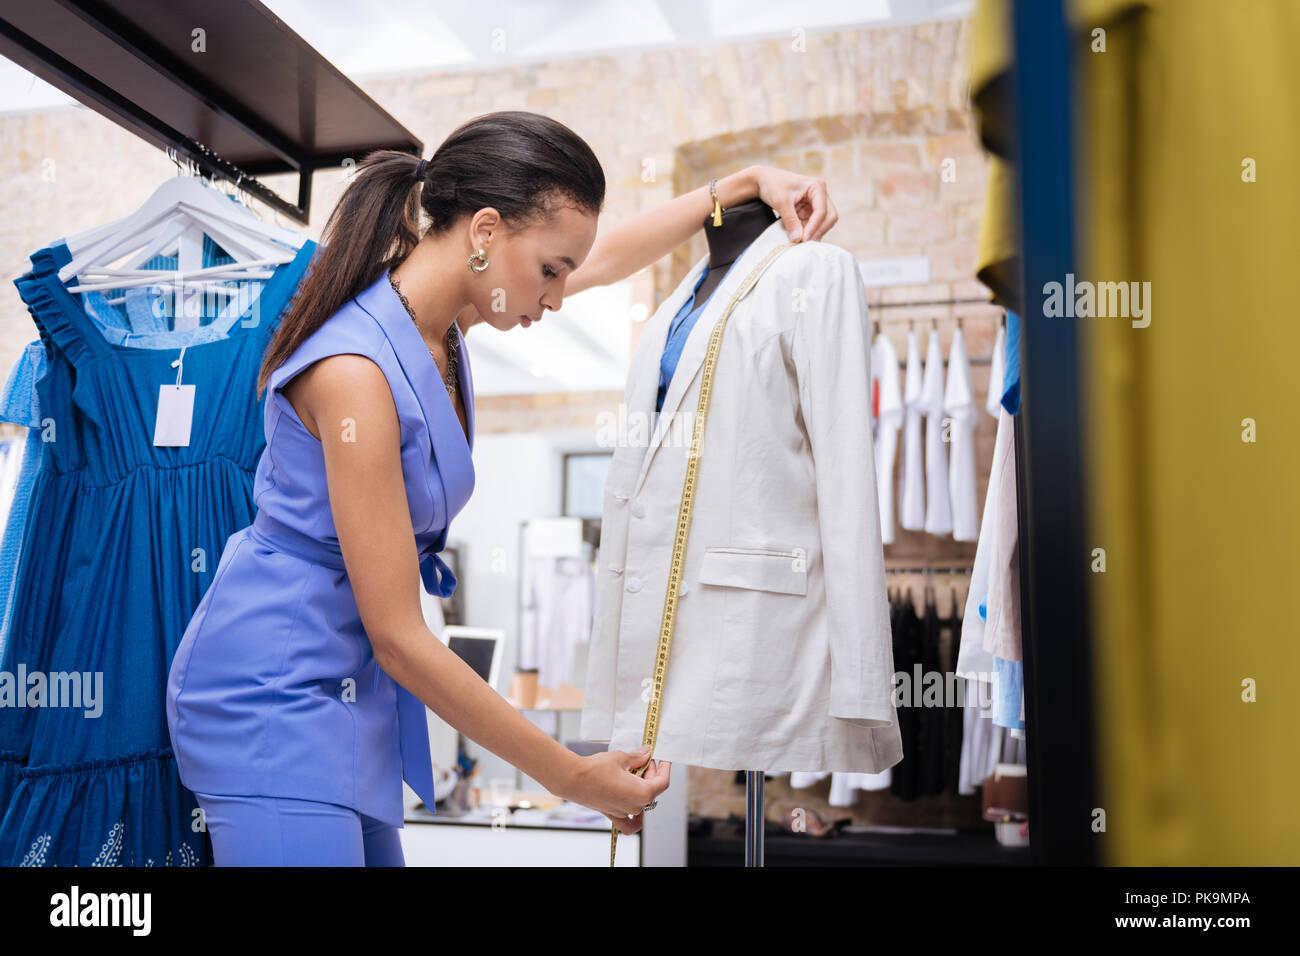 Focalizzato femmina assistente di vendita di misurazione lunghezza camicia Immagini Stock